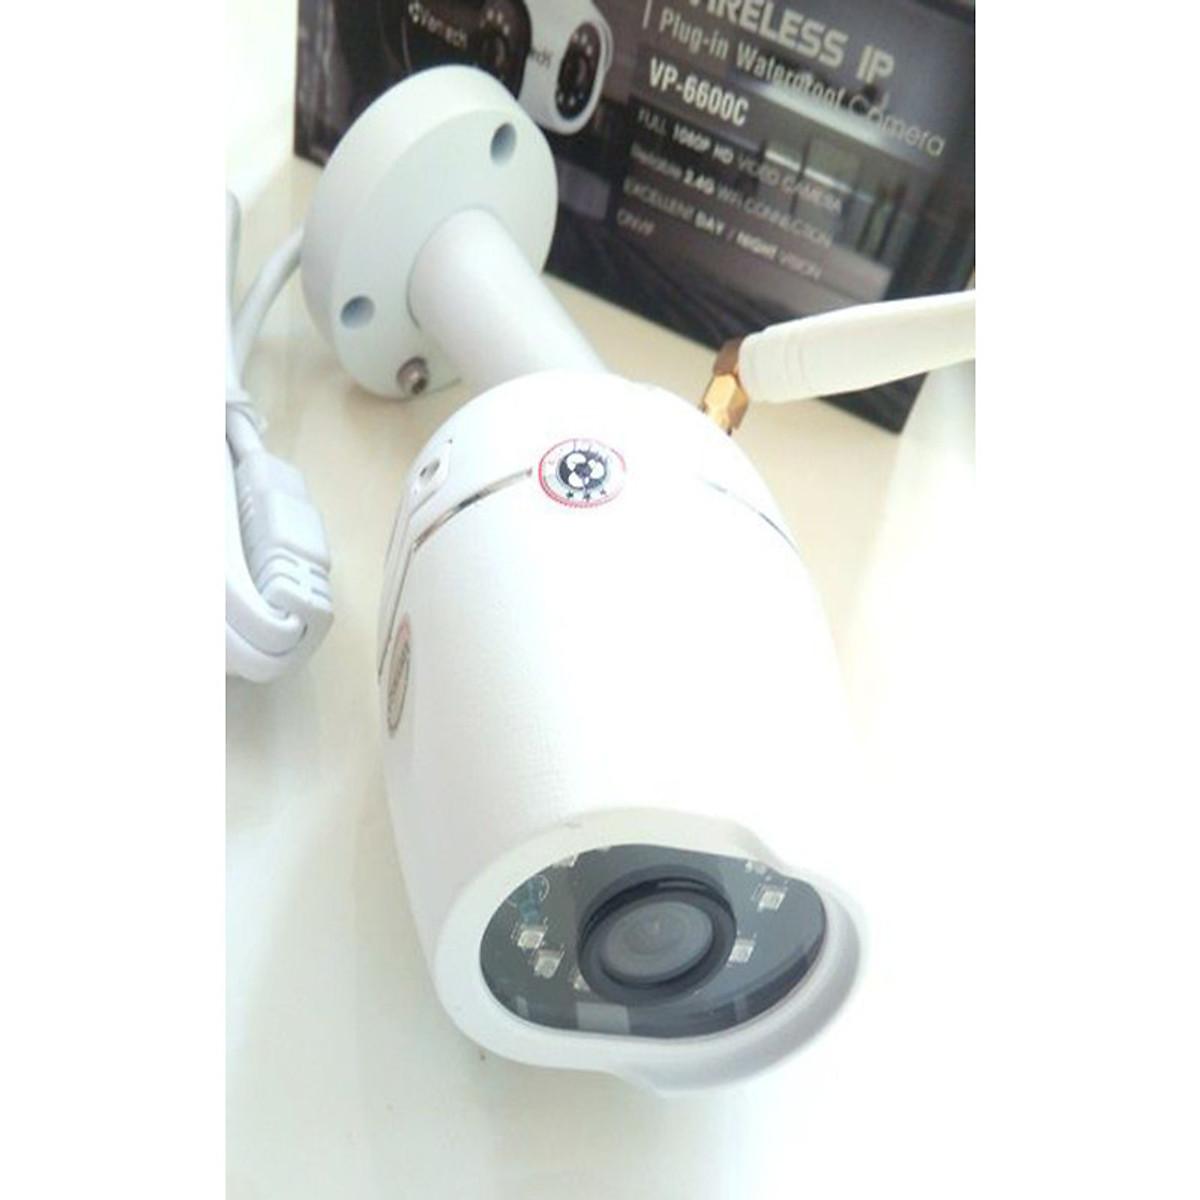 Camera IP hồng ngoại không dây 2.0 Megapixel VANTECH VP-6600C-Hàng Chính Hãng